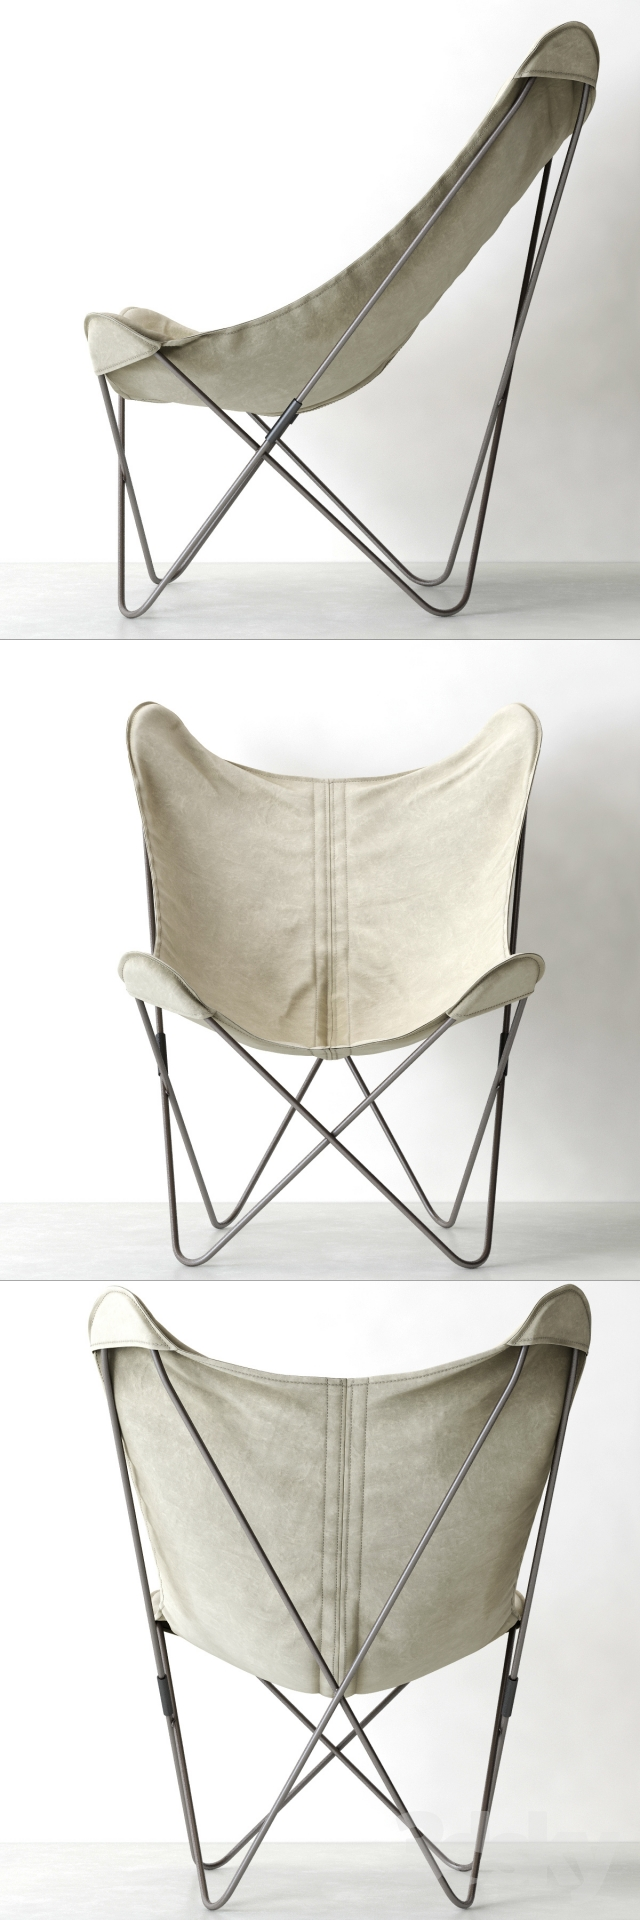 3d models Arm chair RH TYE STONEWASHED CANVAS